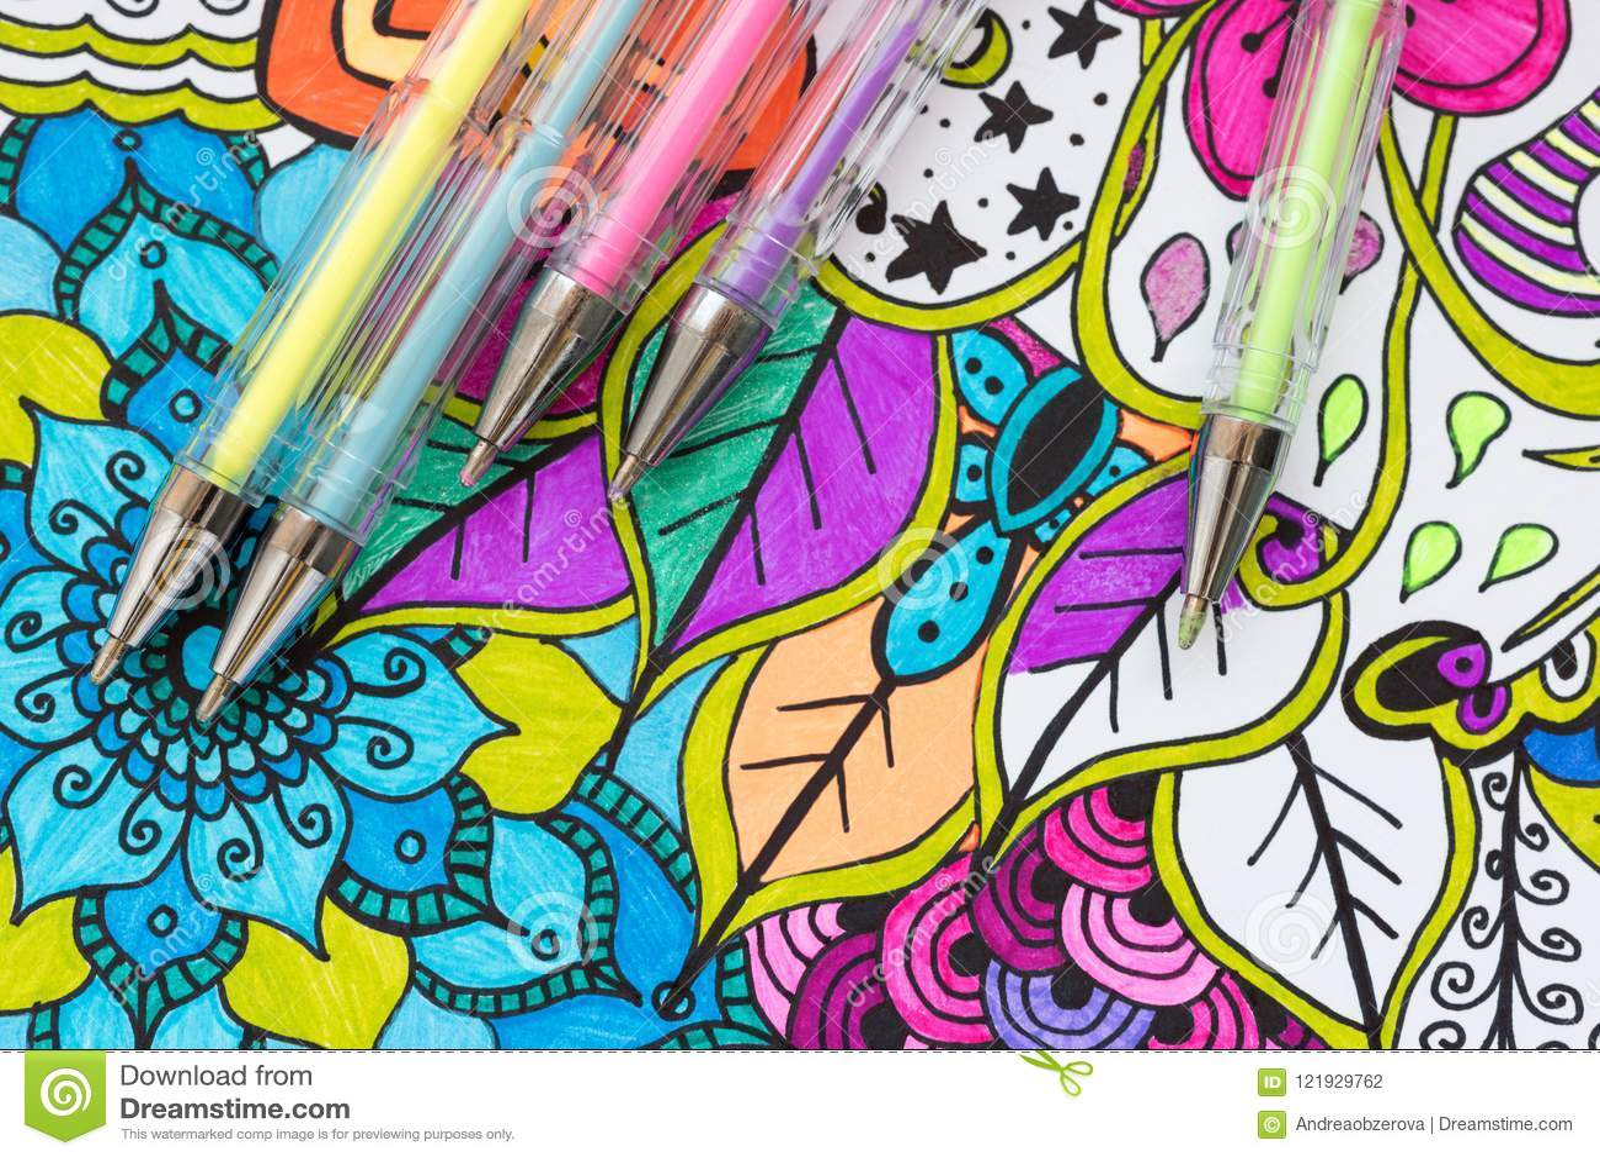 艺术疗法、精神健康、创造性和留心概念 与柔和的淡色彩的成人着色页上色了胶凝体笔,平的位置